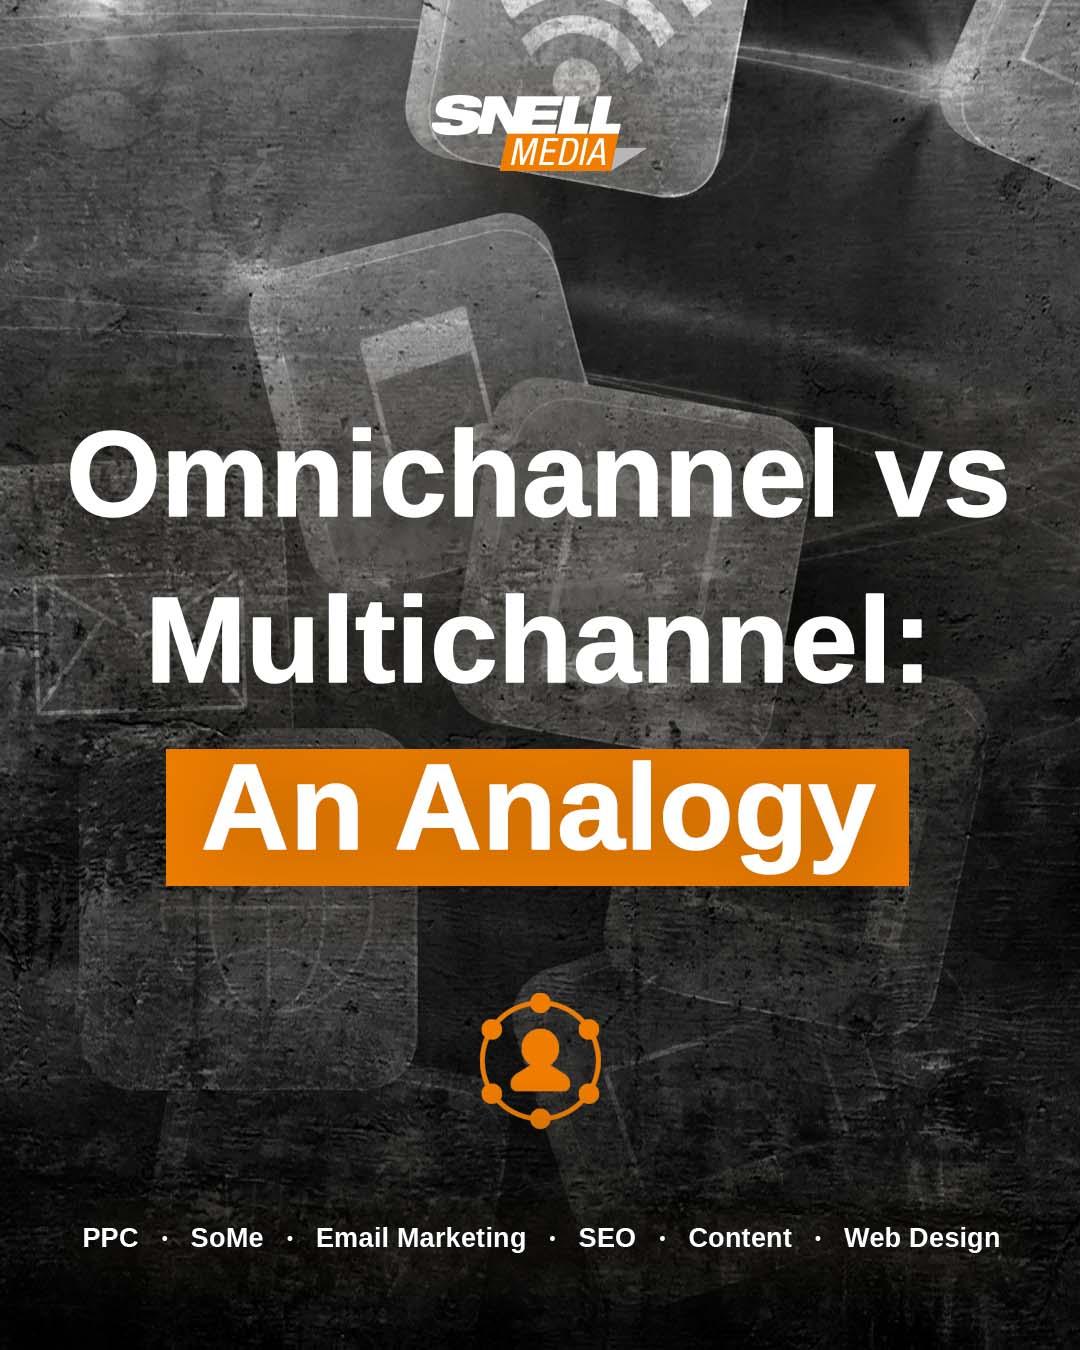 An Analogy for Multichannel vs Omnichannel